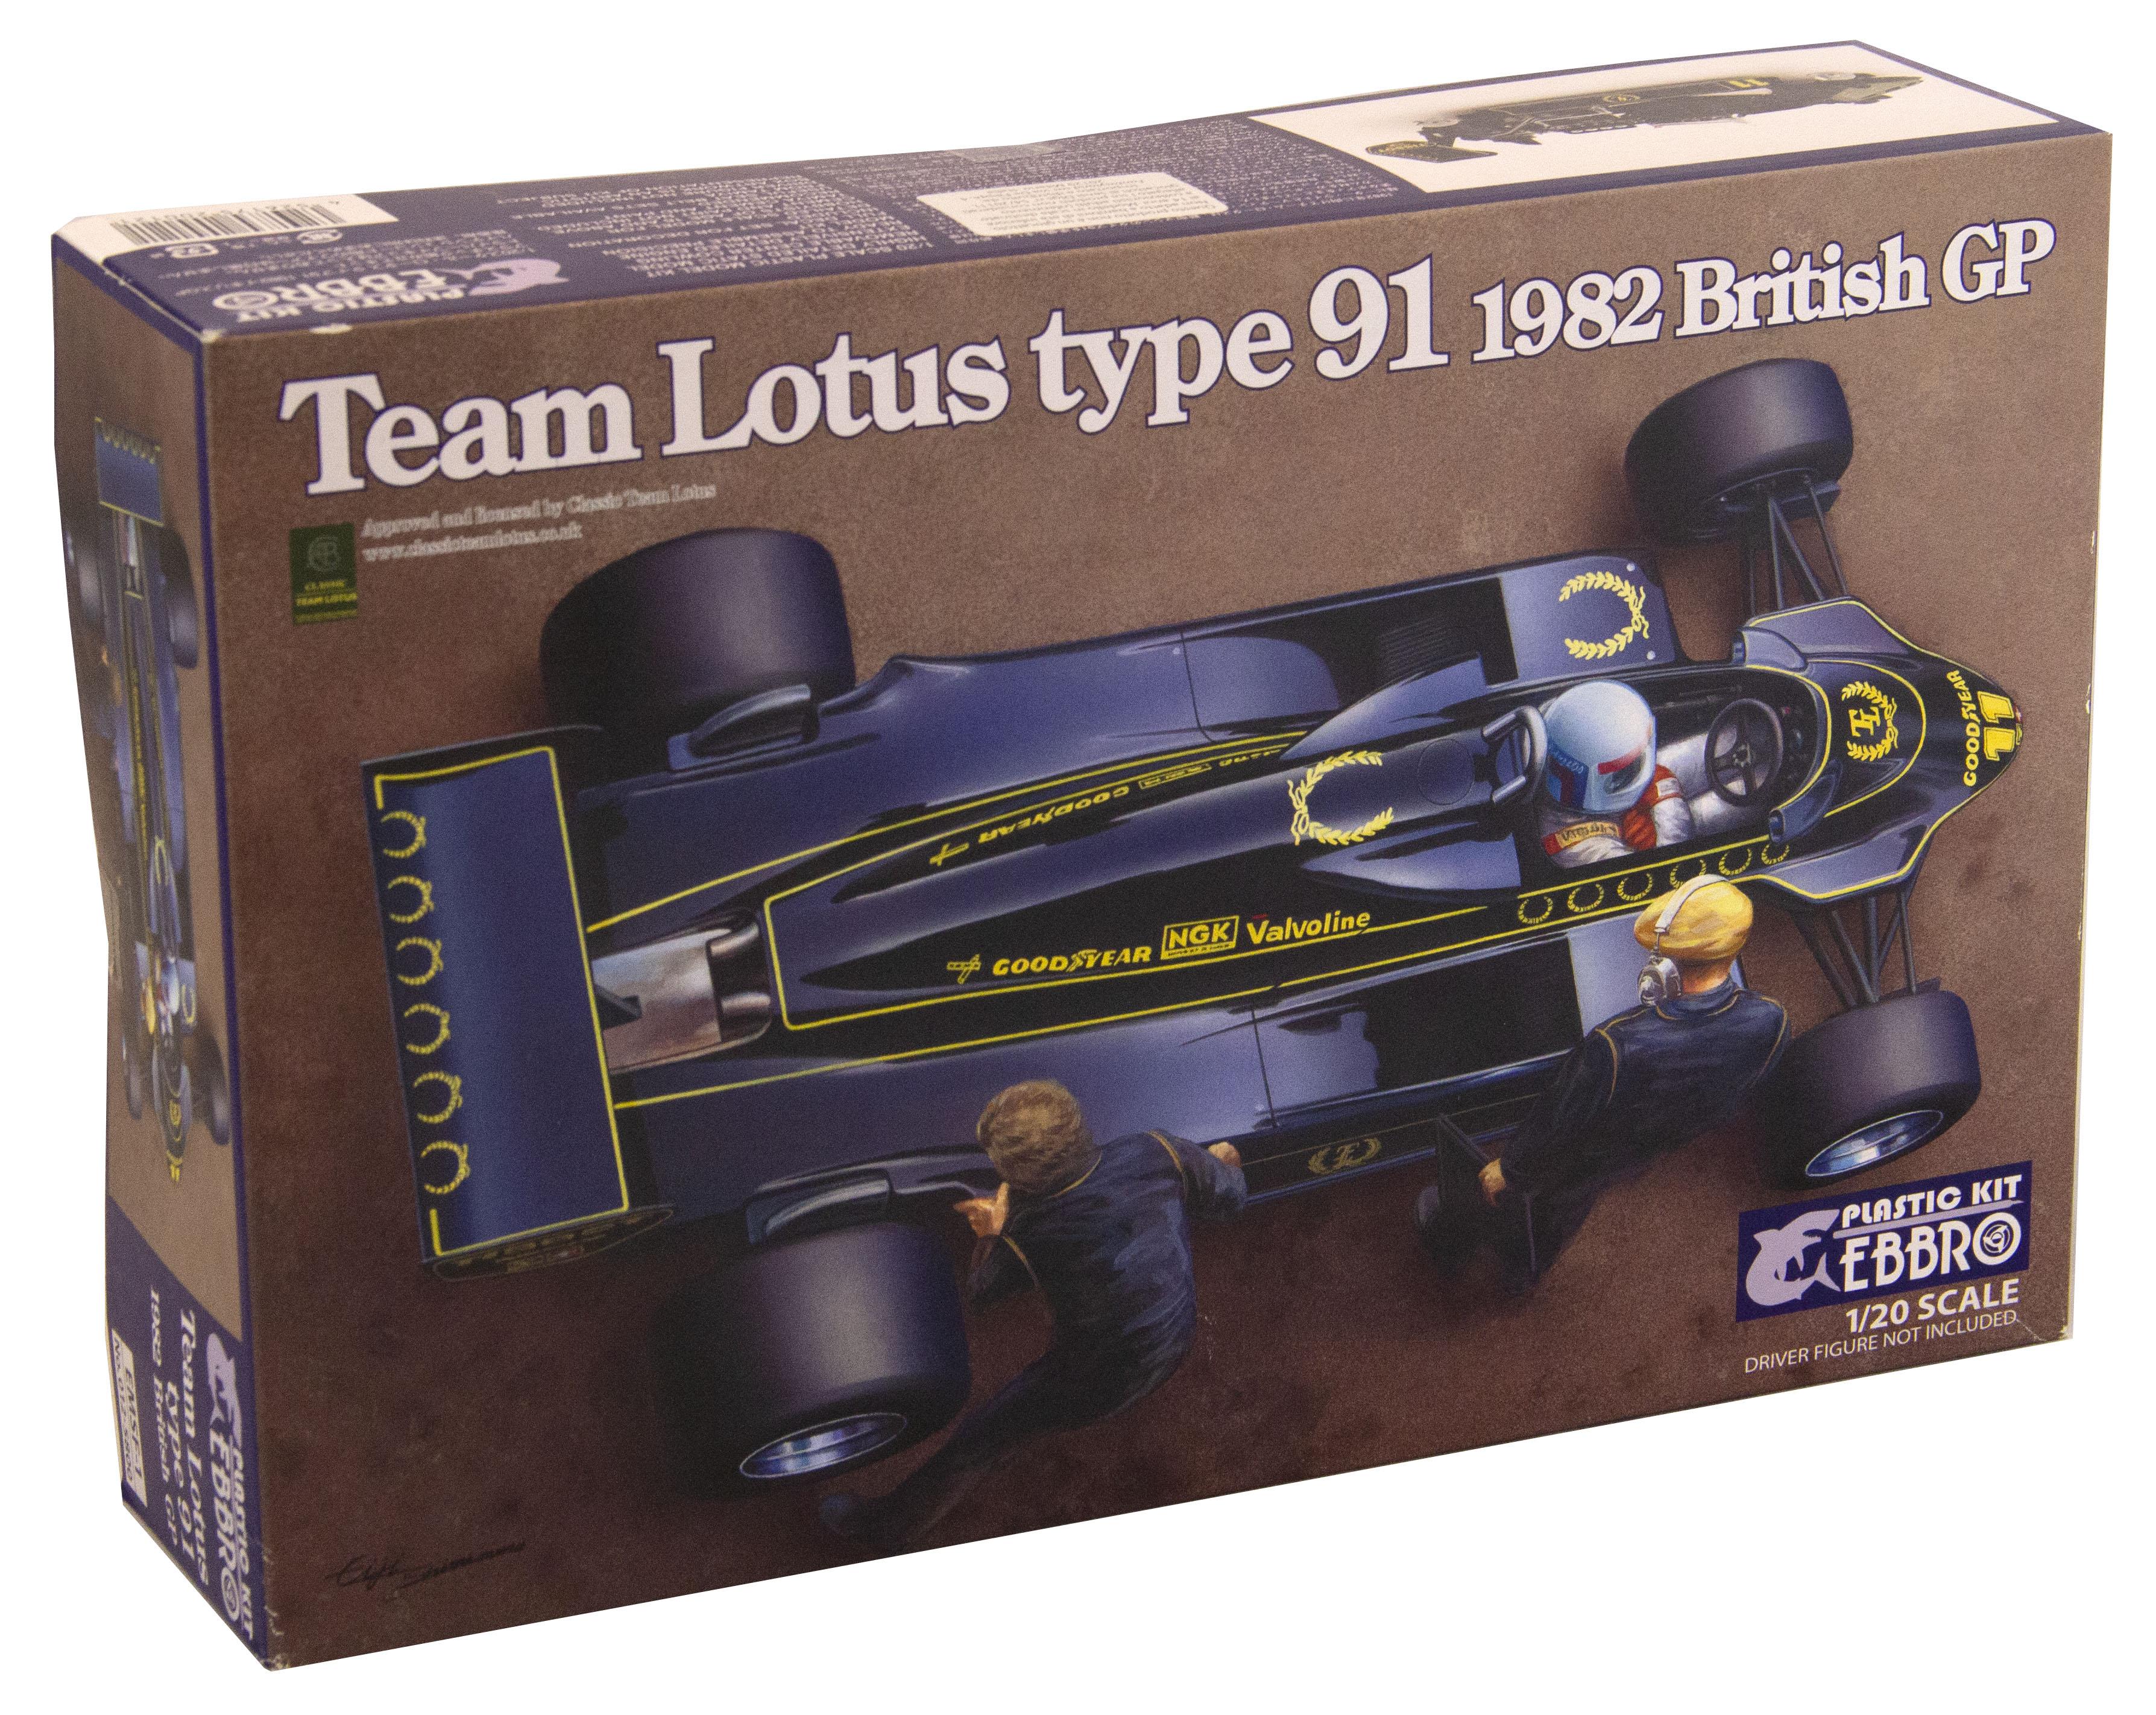 Kit Auto F1 Lotus Type 91 1982 British Gp 1/20